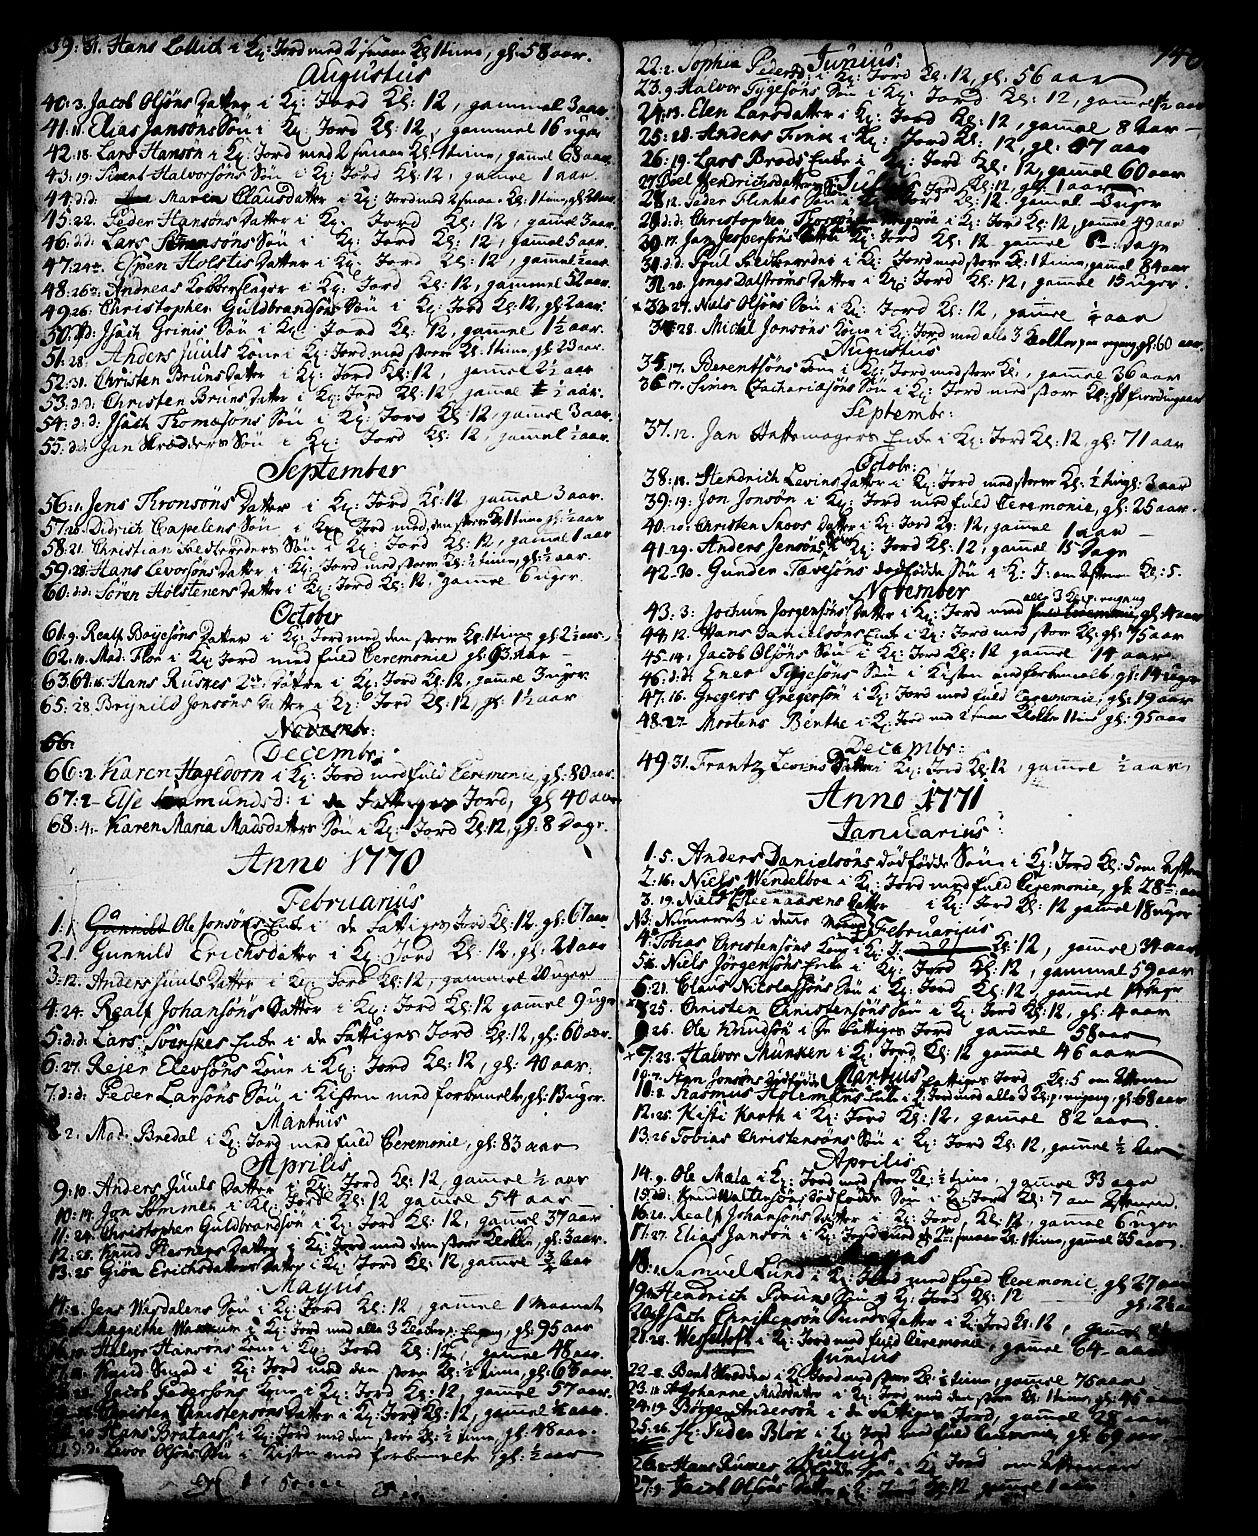 SAKO, Skien kirkebøker, G/Ga/L0001: Klokkerbok nr. 1, 1756-1791, s. 146